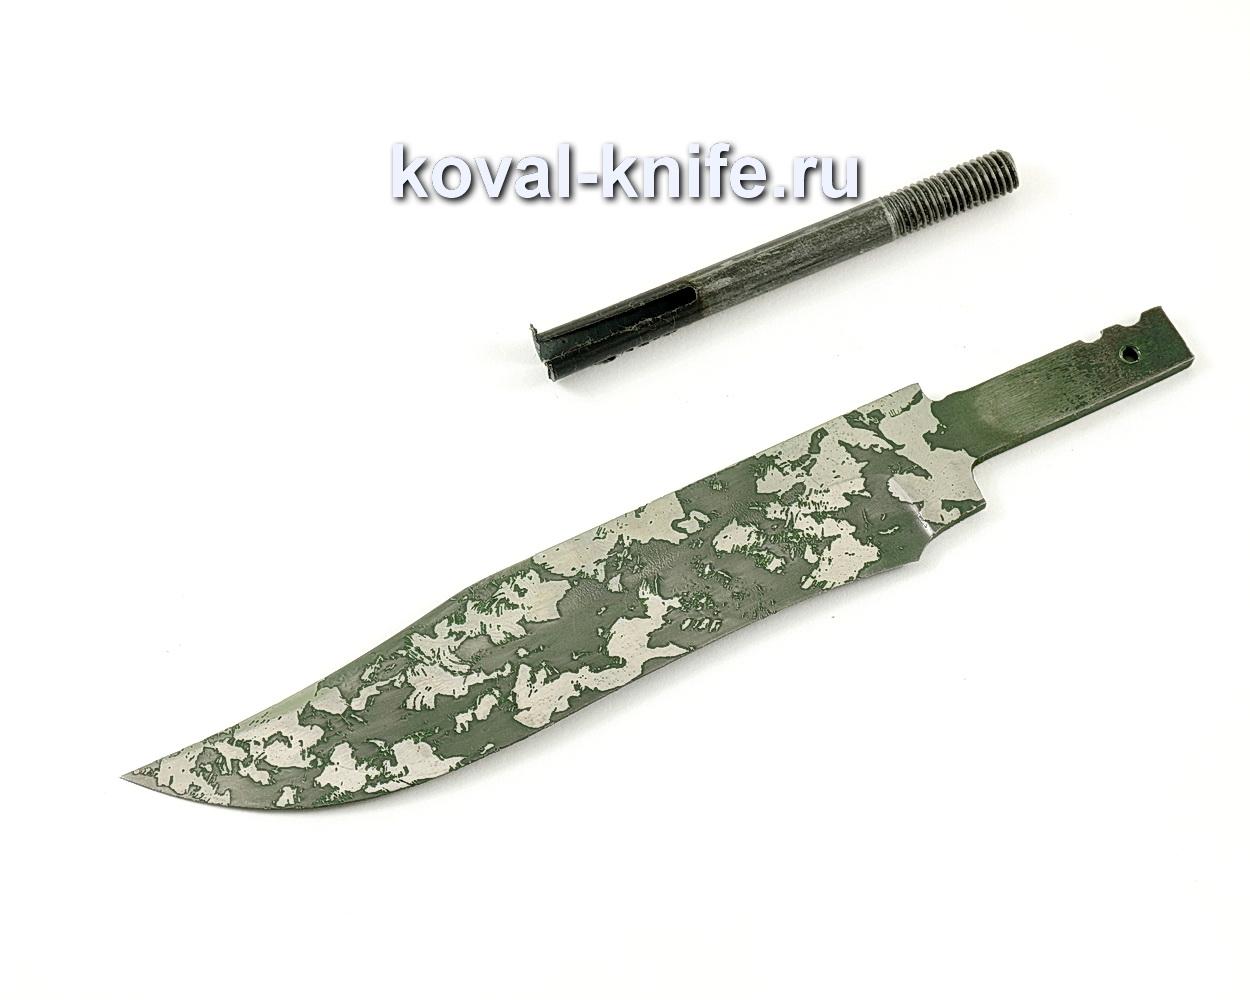 Клинок для ножа Викинг (кованая сталь 95Х18, травление)